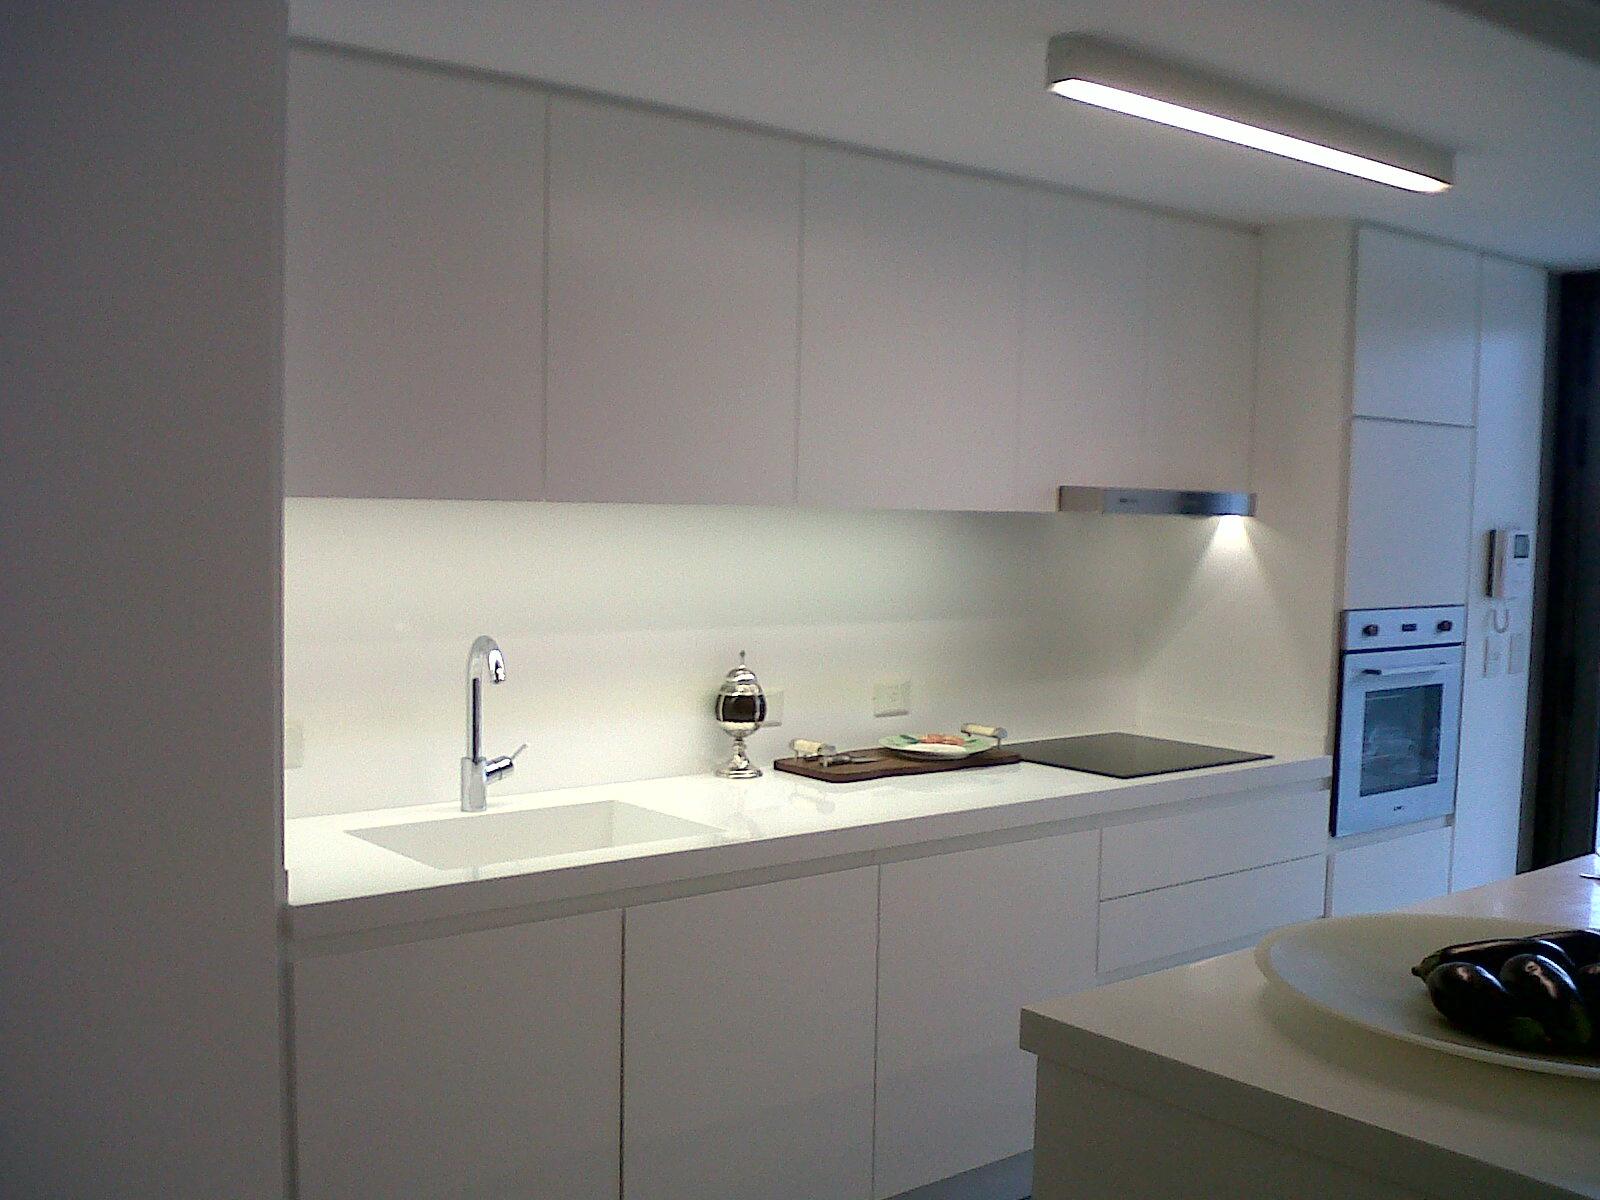 Iluminacion e p s i otros trabajos nuestros con leds - Led para cocina ...